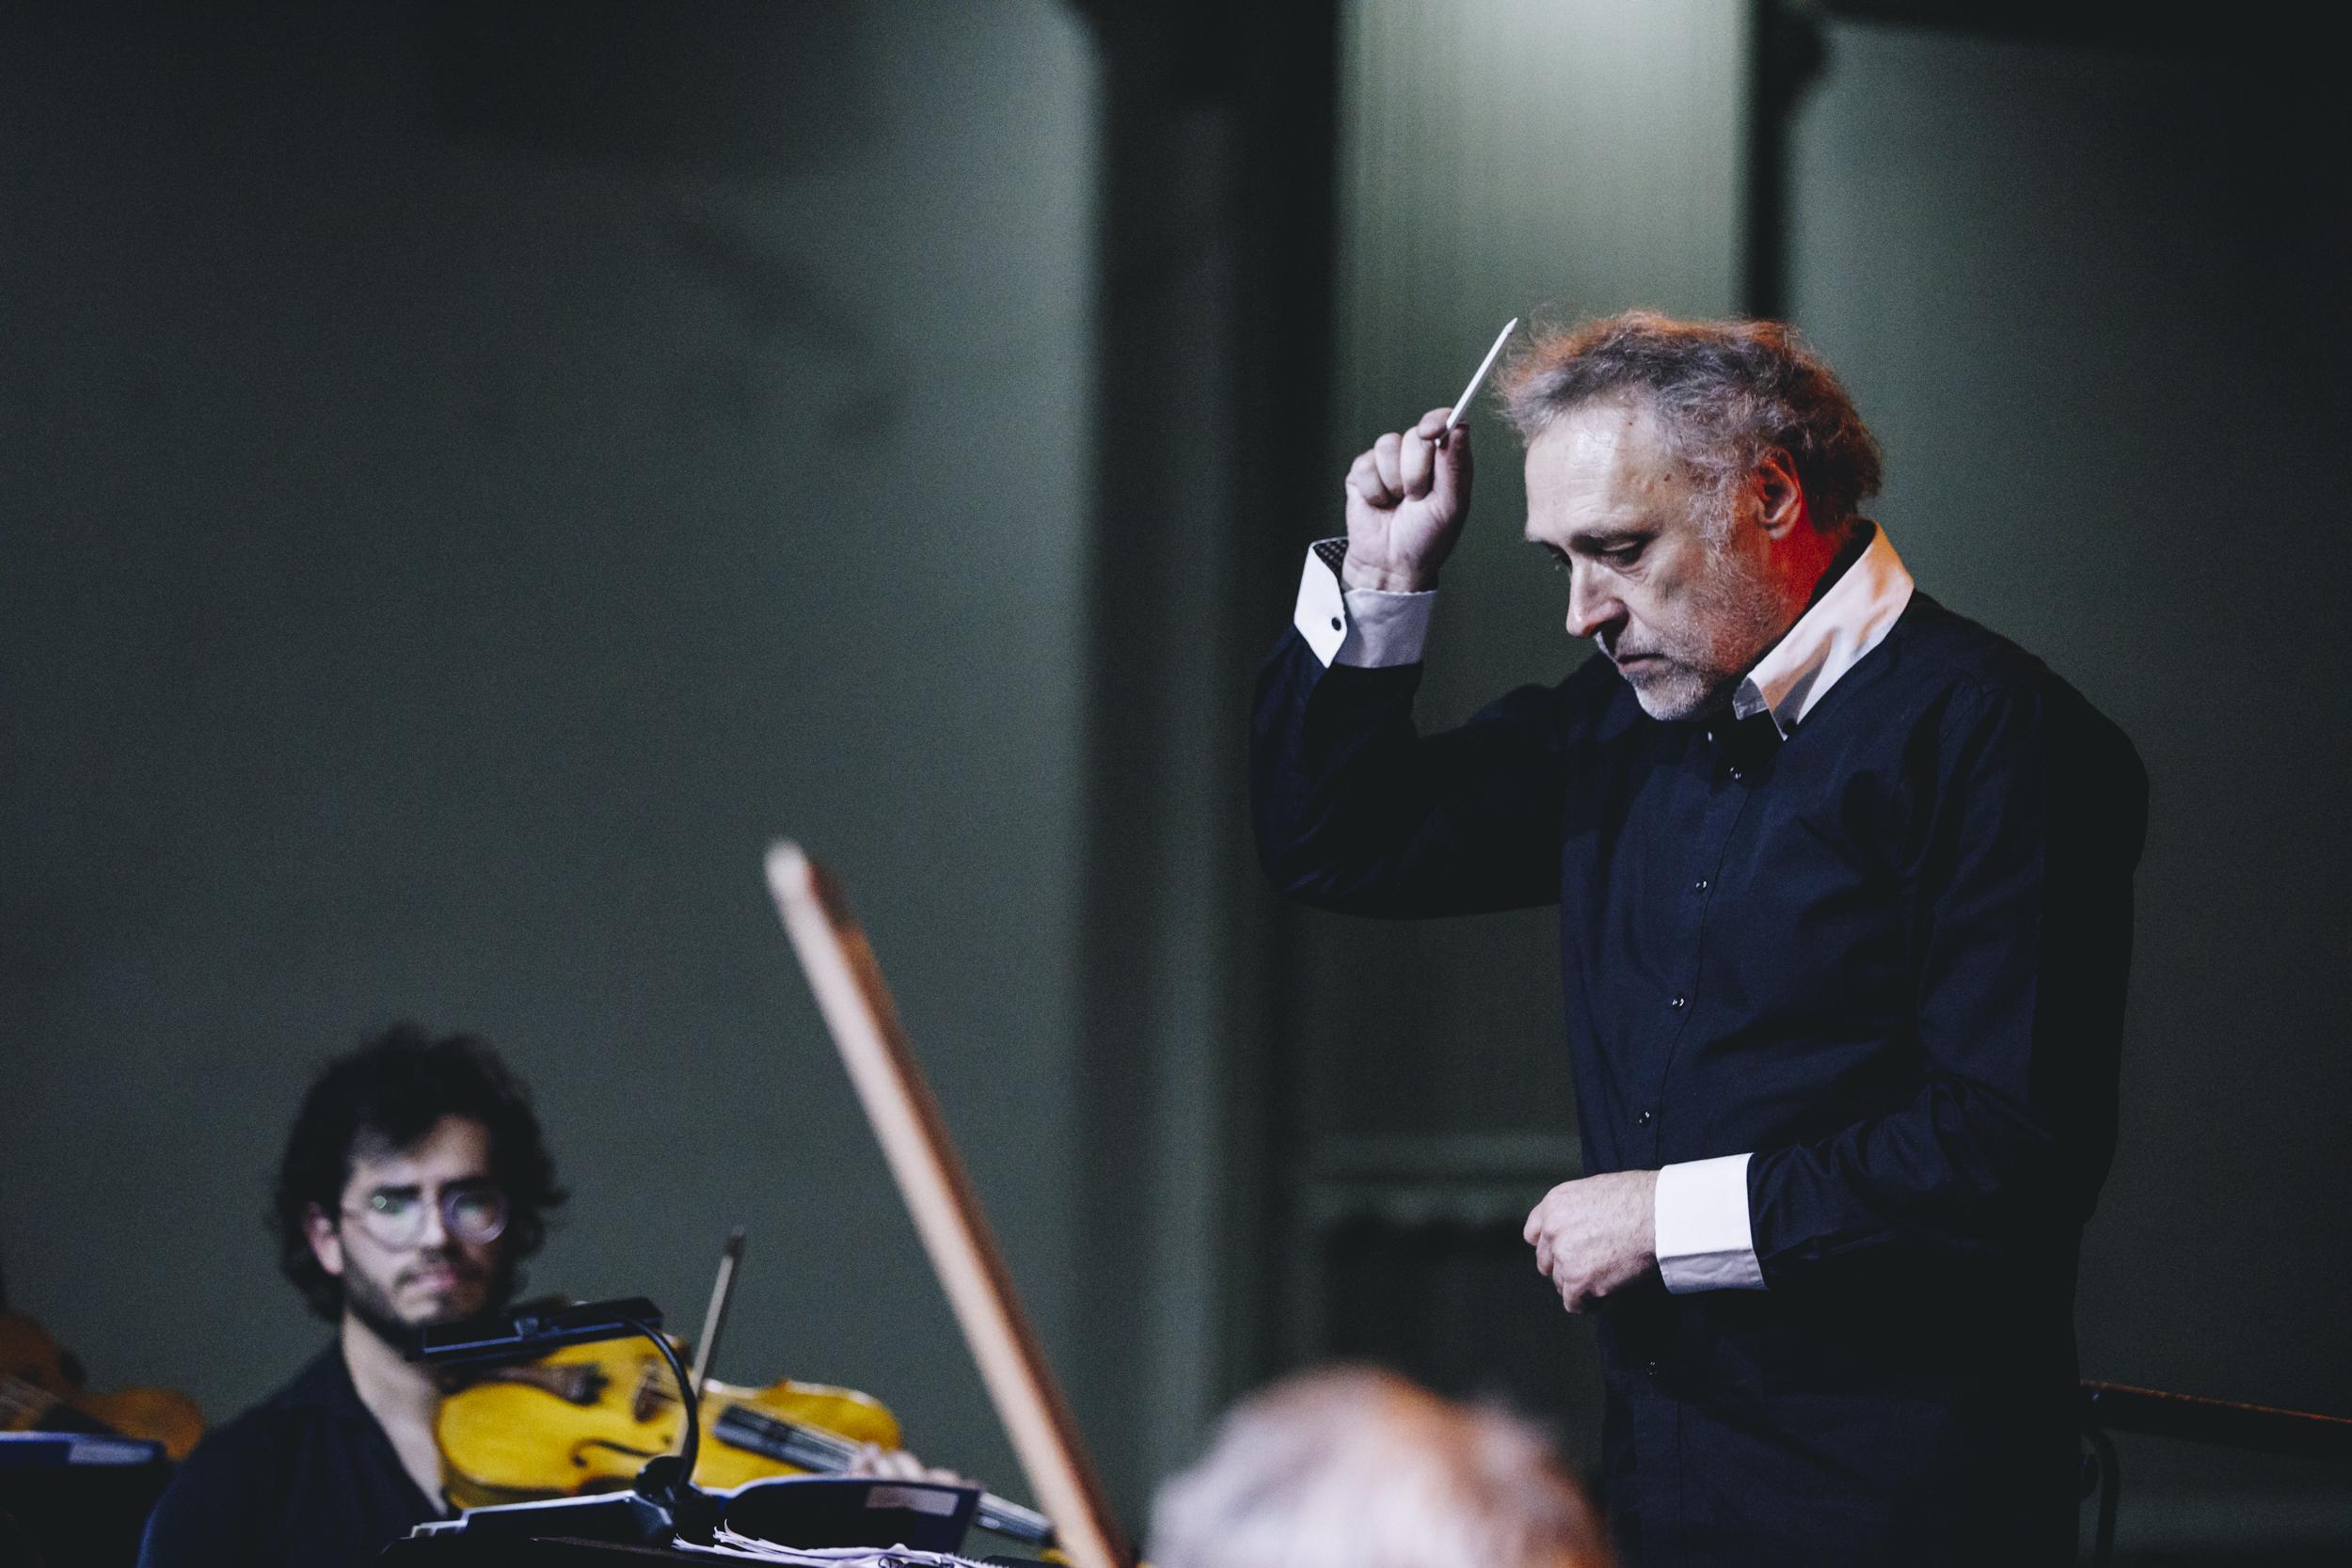 Orquesta Usach_Teatro Novedades -16 (1)